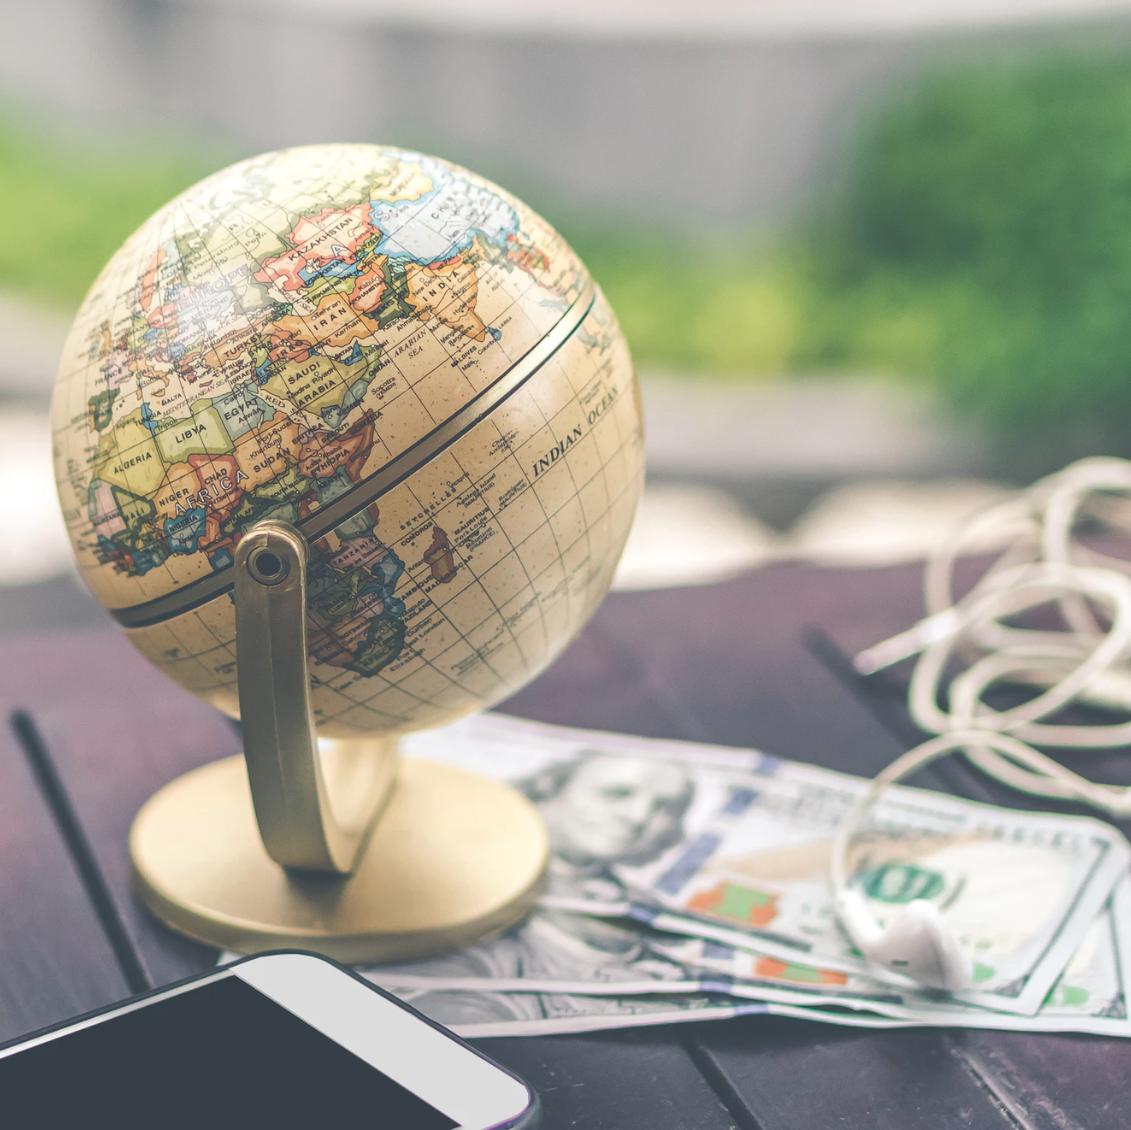 Cost-of-Travel-Insurance-AardvarkCompare | AardvarkCompare.com